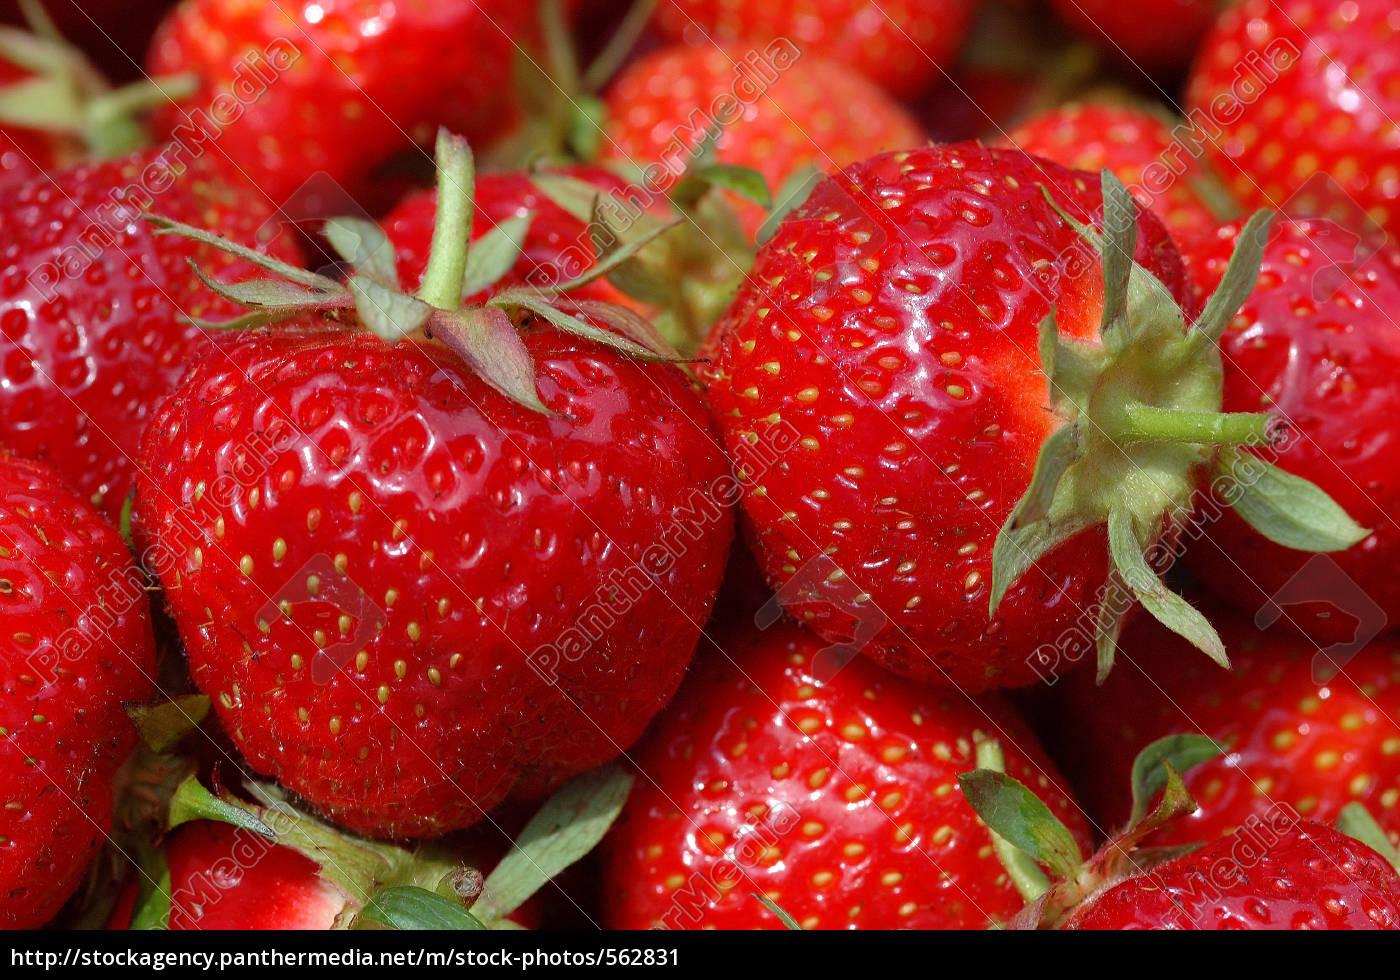 strawberries - 562831